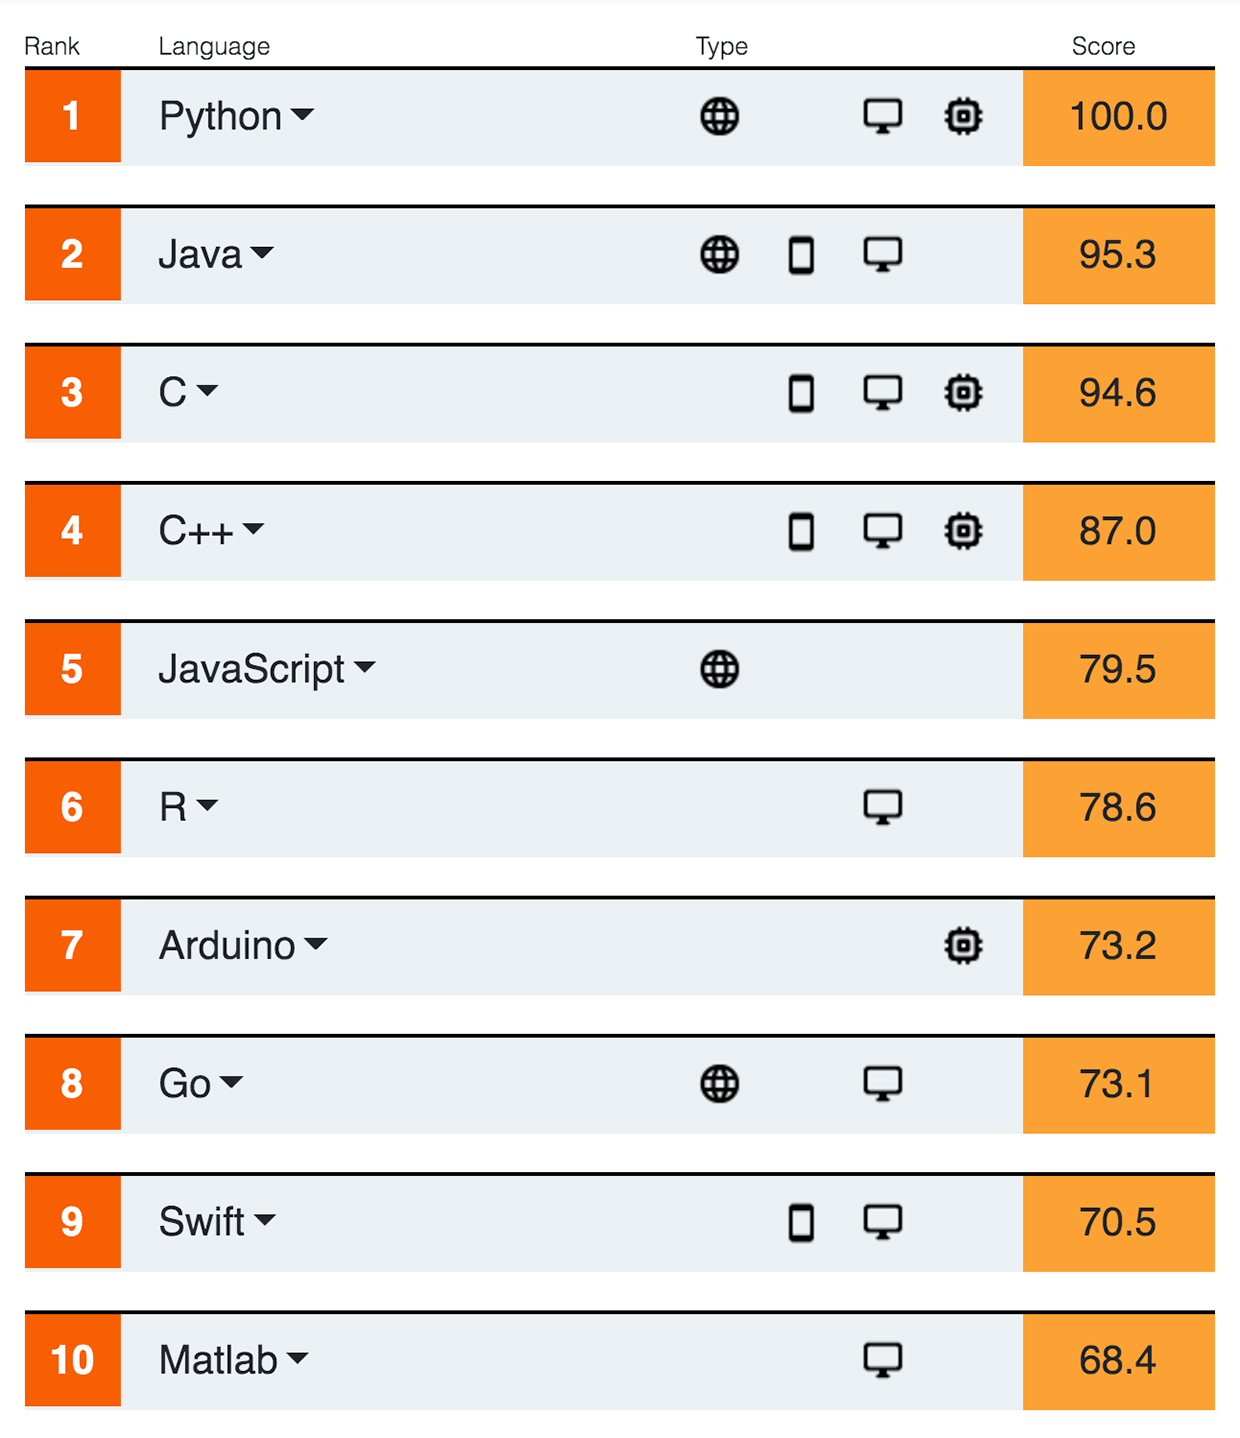 2020 Top Programming Languages